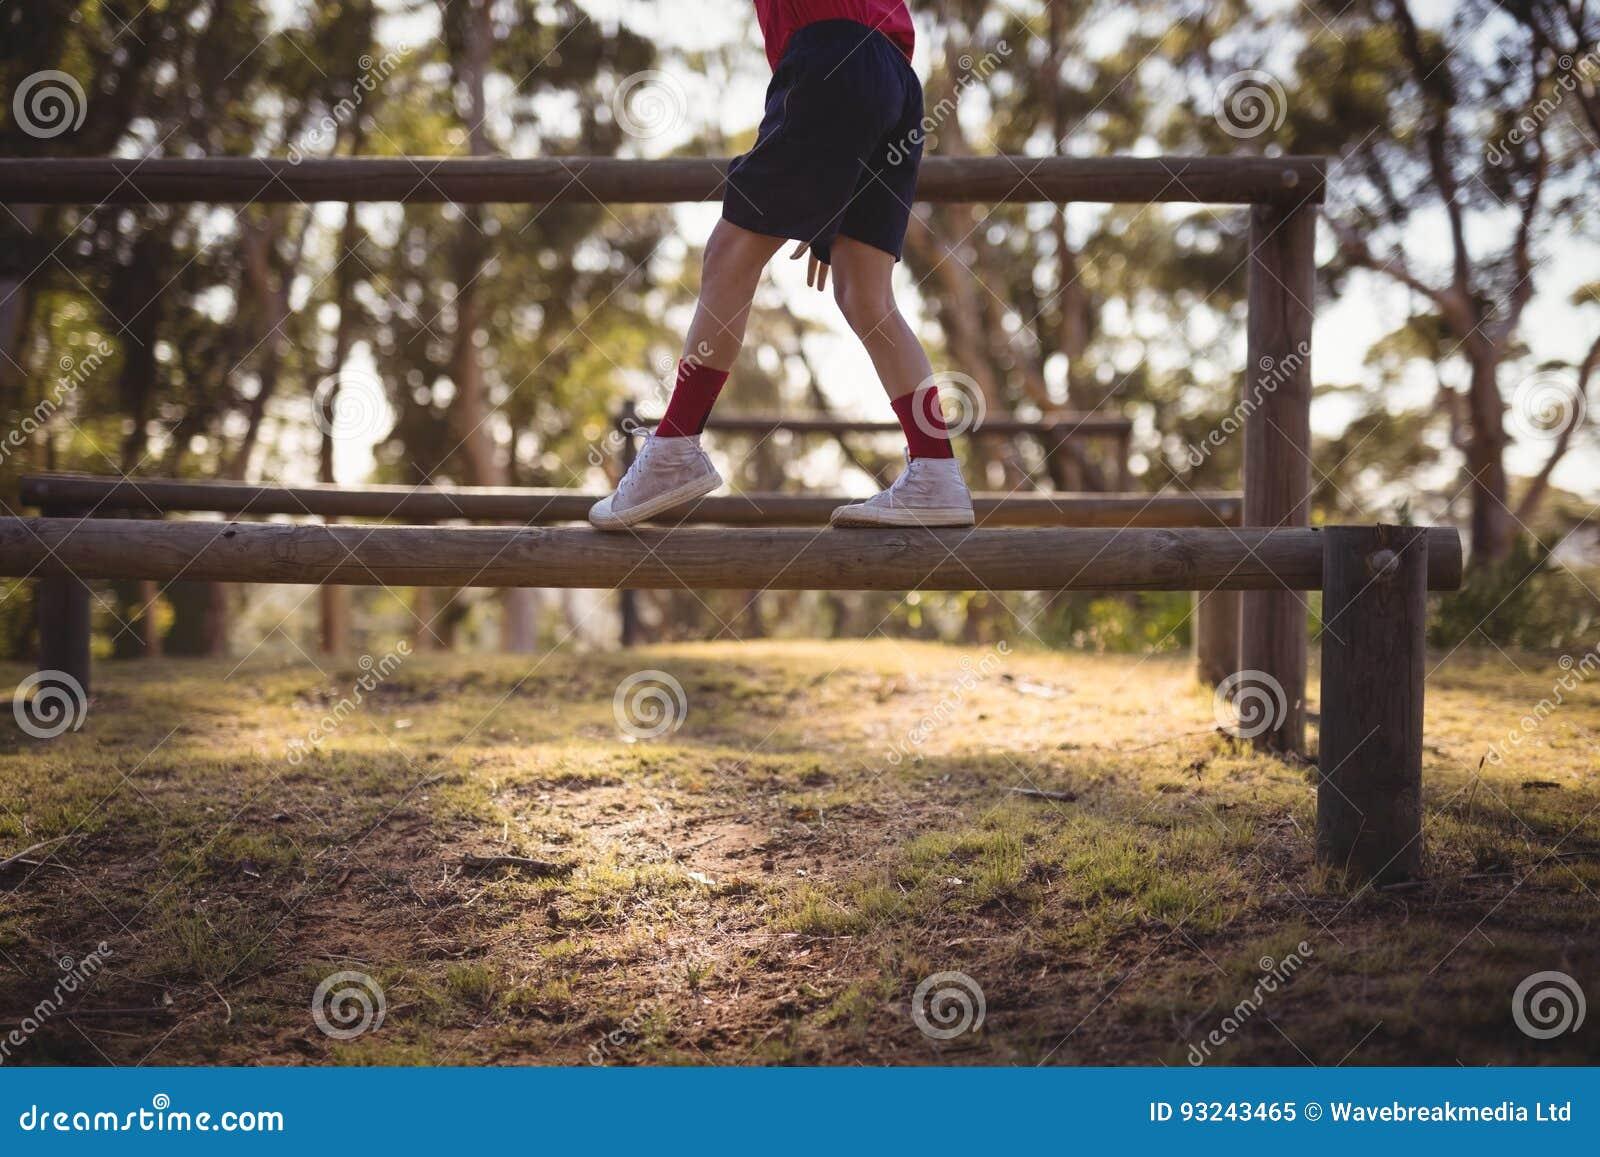 Lågt avsnitt av ungen som går på hinder under hinderkurs